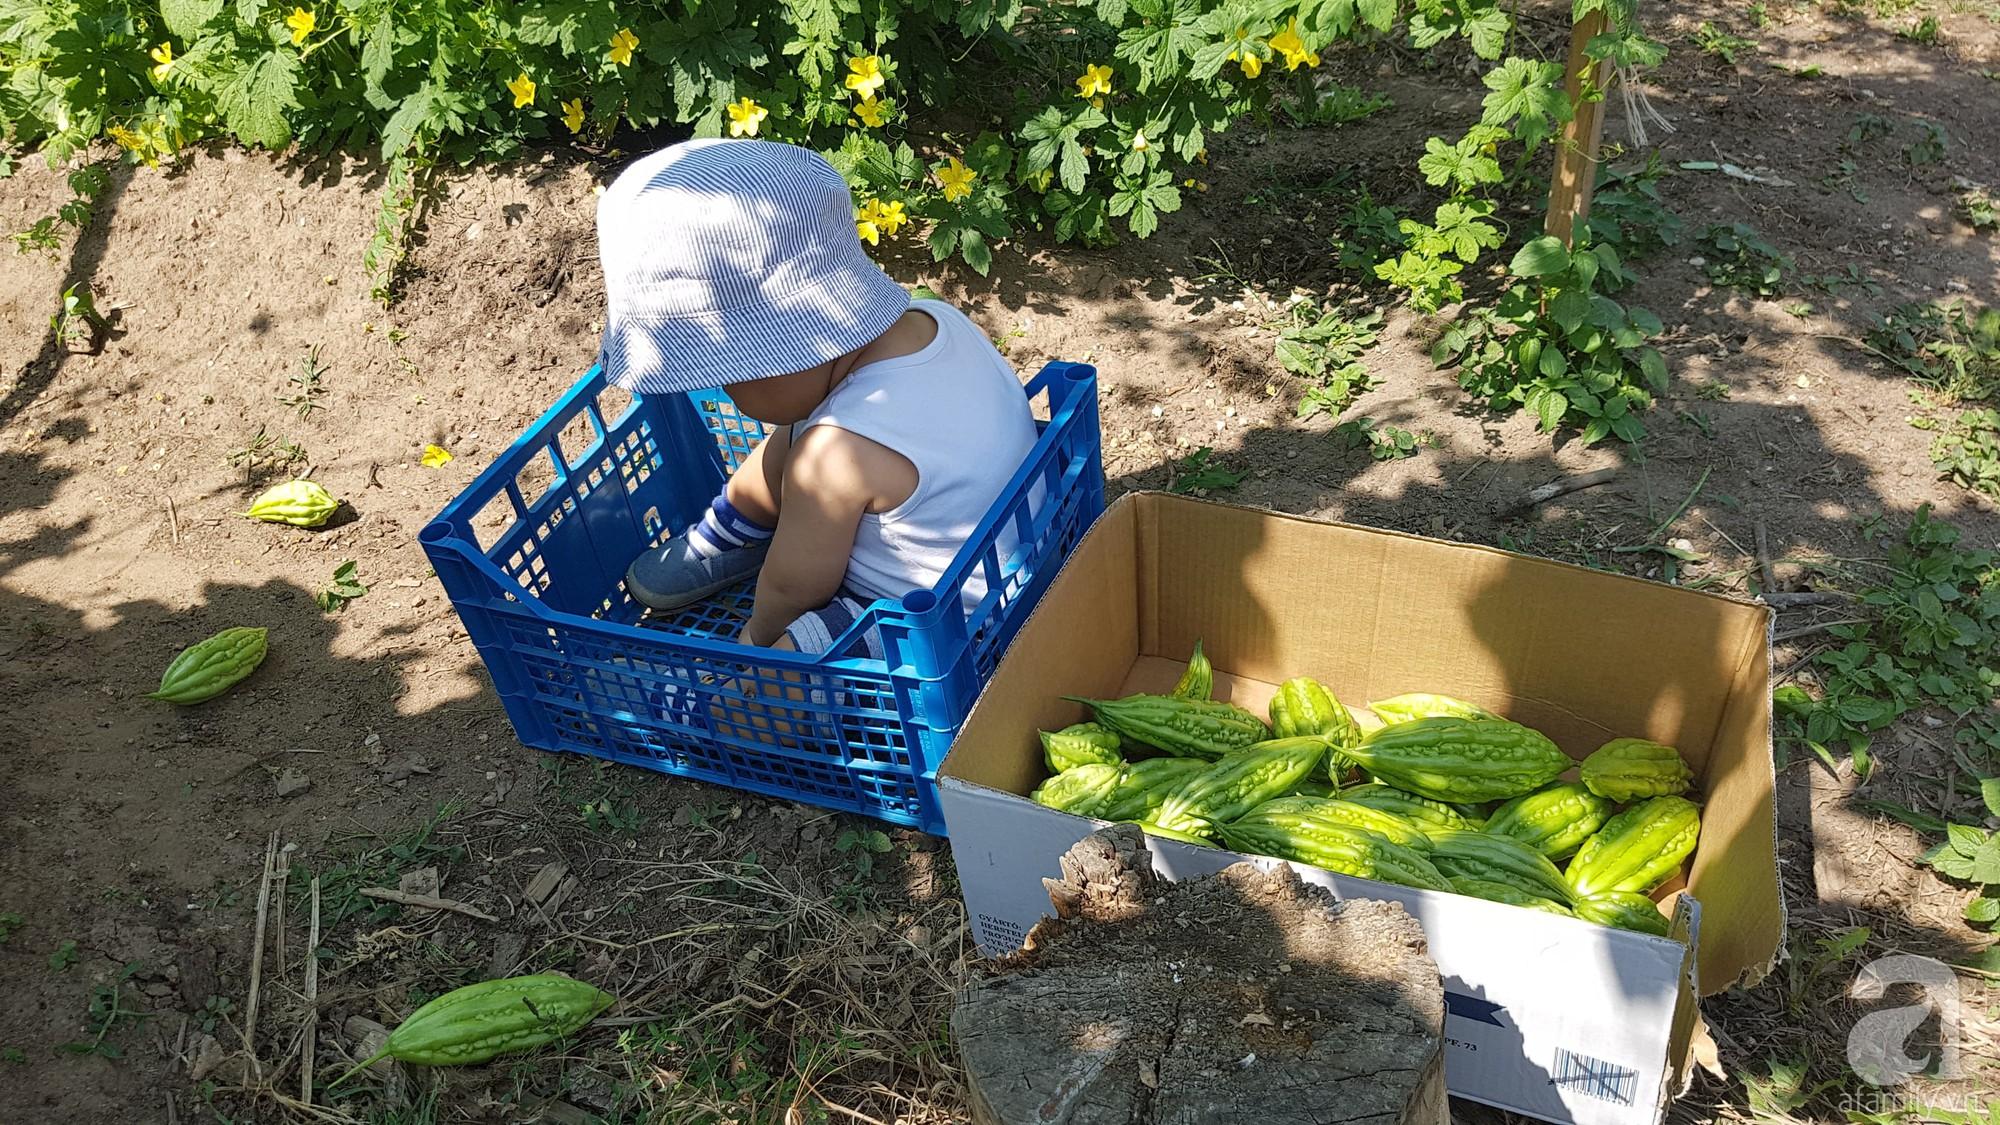 Choáng ngợp trước vườn rau sạch rộng 600m² với đủ rau trái Việt của bà mẹ trẻ ở nước ngoài - Ảnh 13.